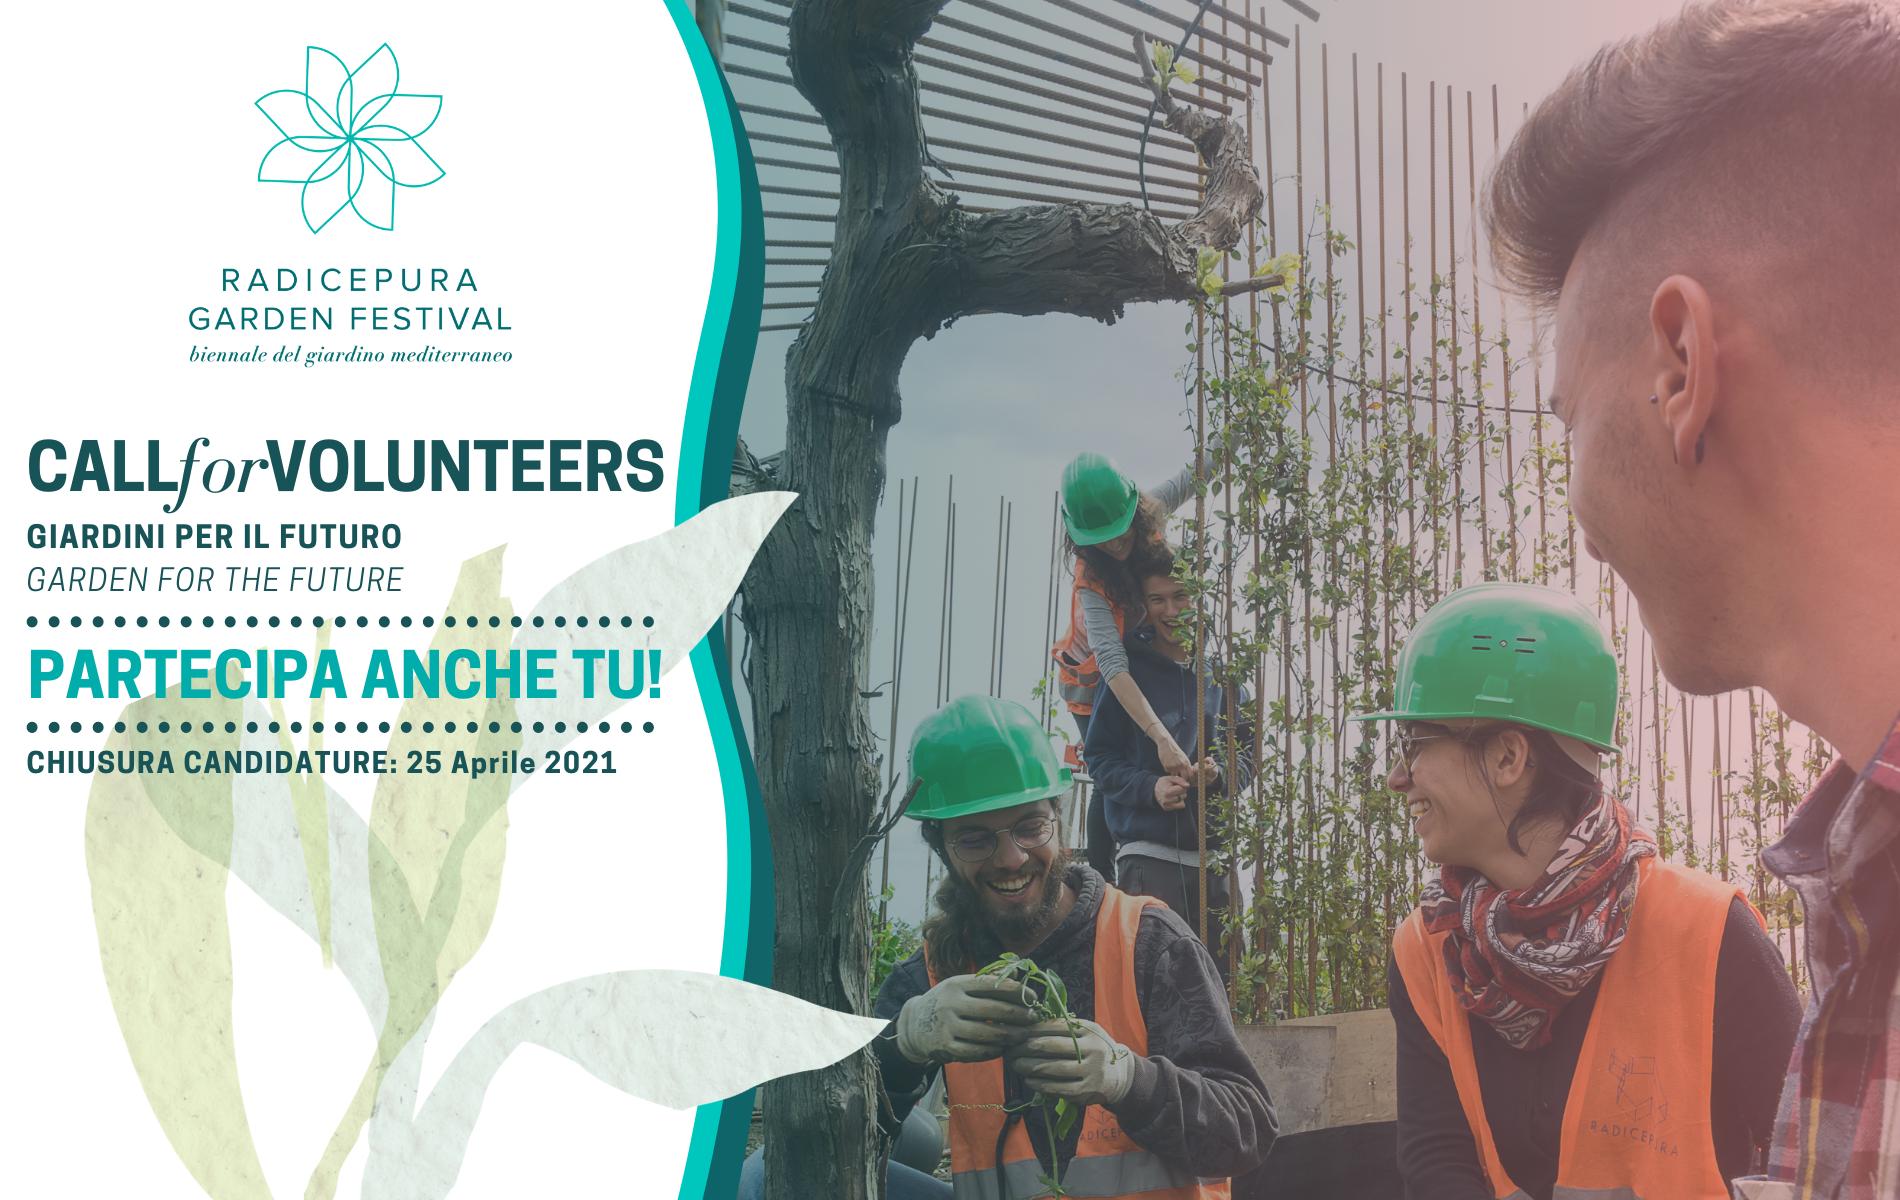 Ricerca volontari Radicepura Garden Festival